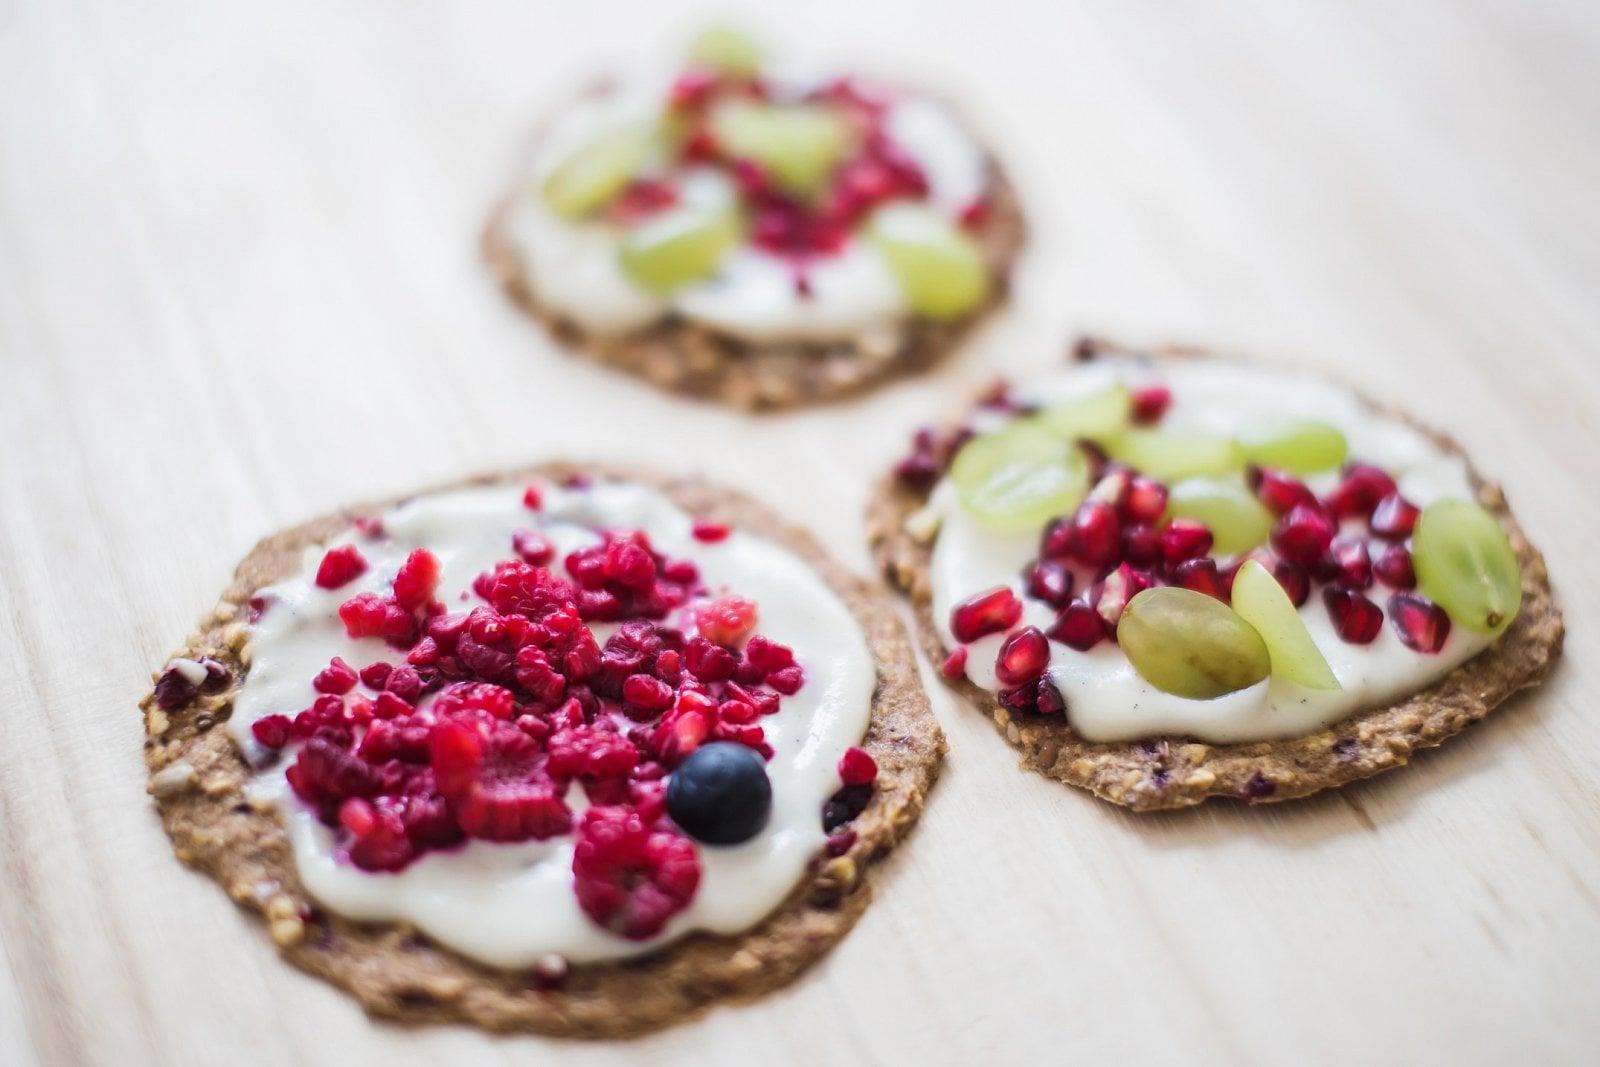 Letní raw pokrmy, které zvládnete i doma